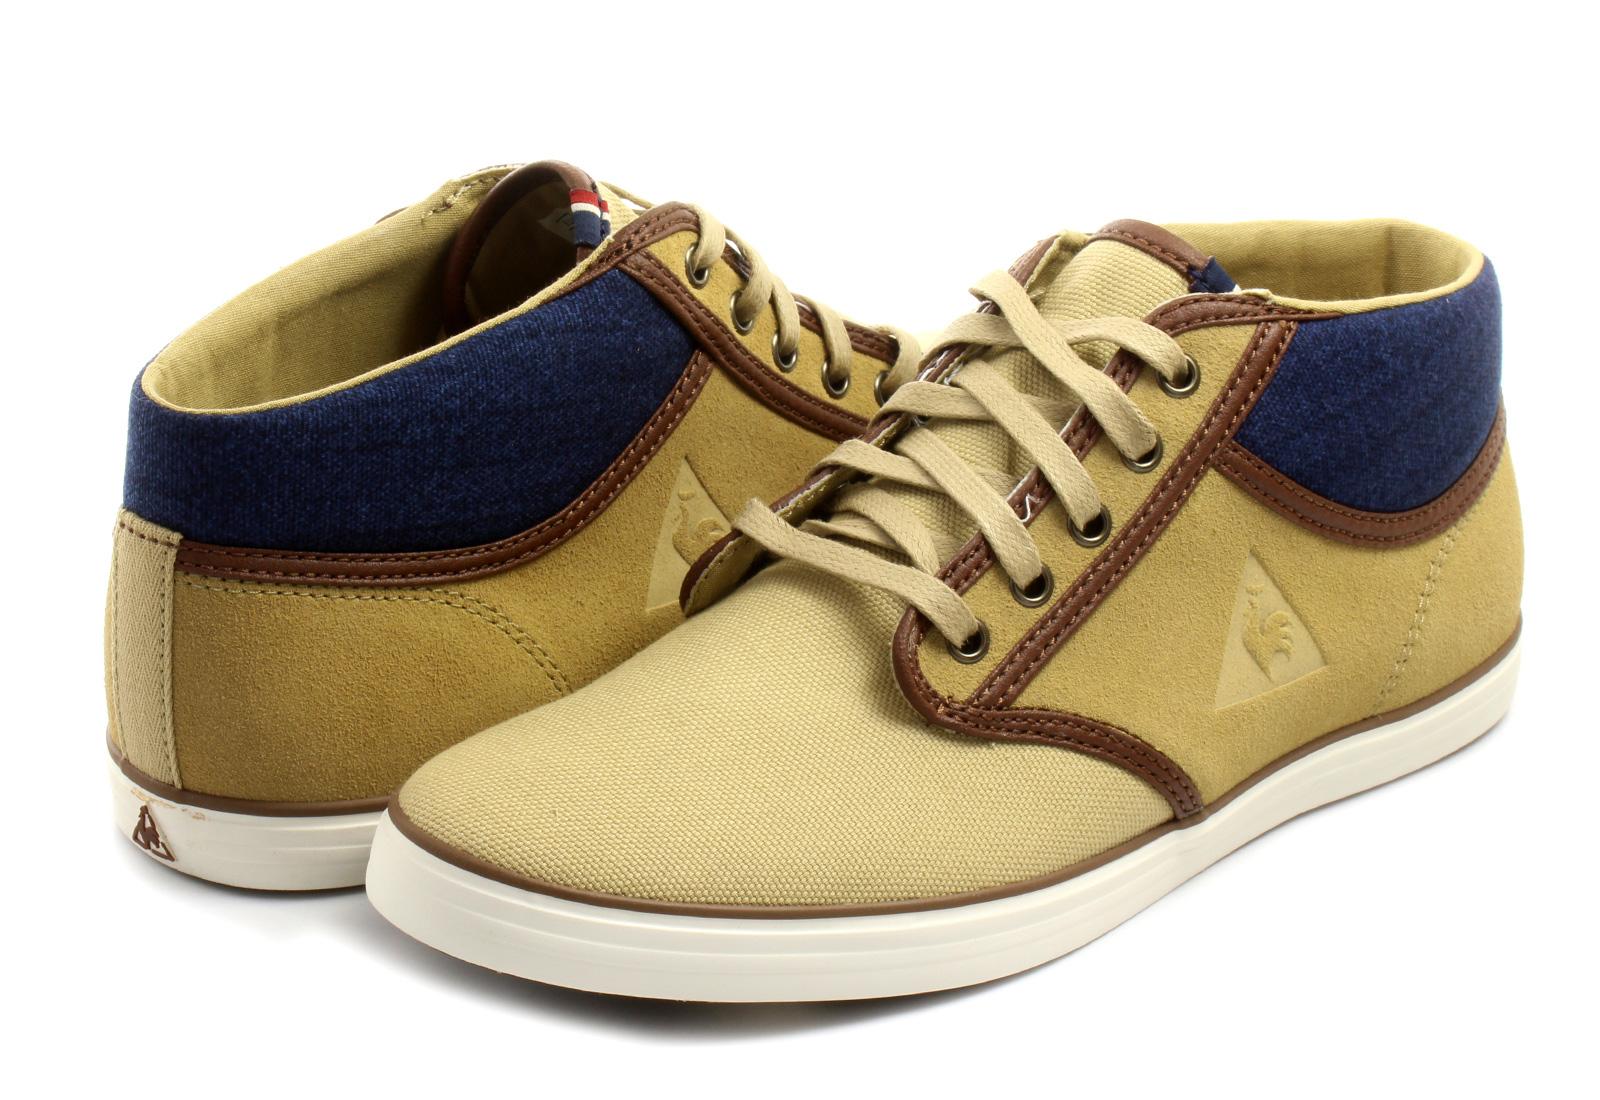 le coq sportif shoes brancion 1510164 online shop. Black Bedroom Furniture Sets. Home Design Ideas